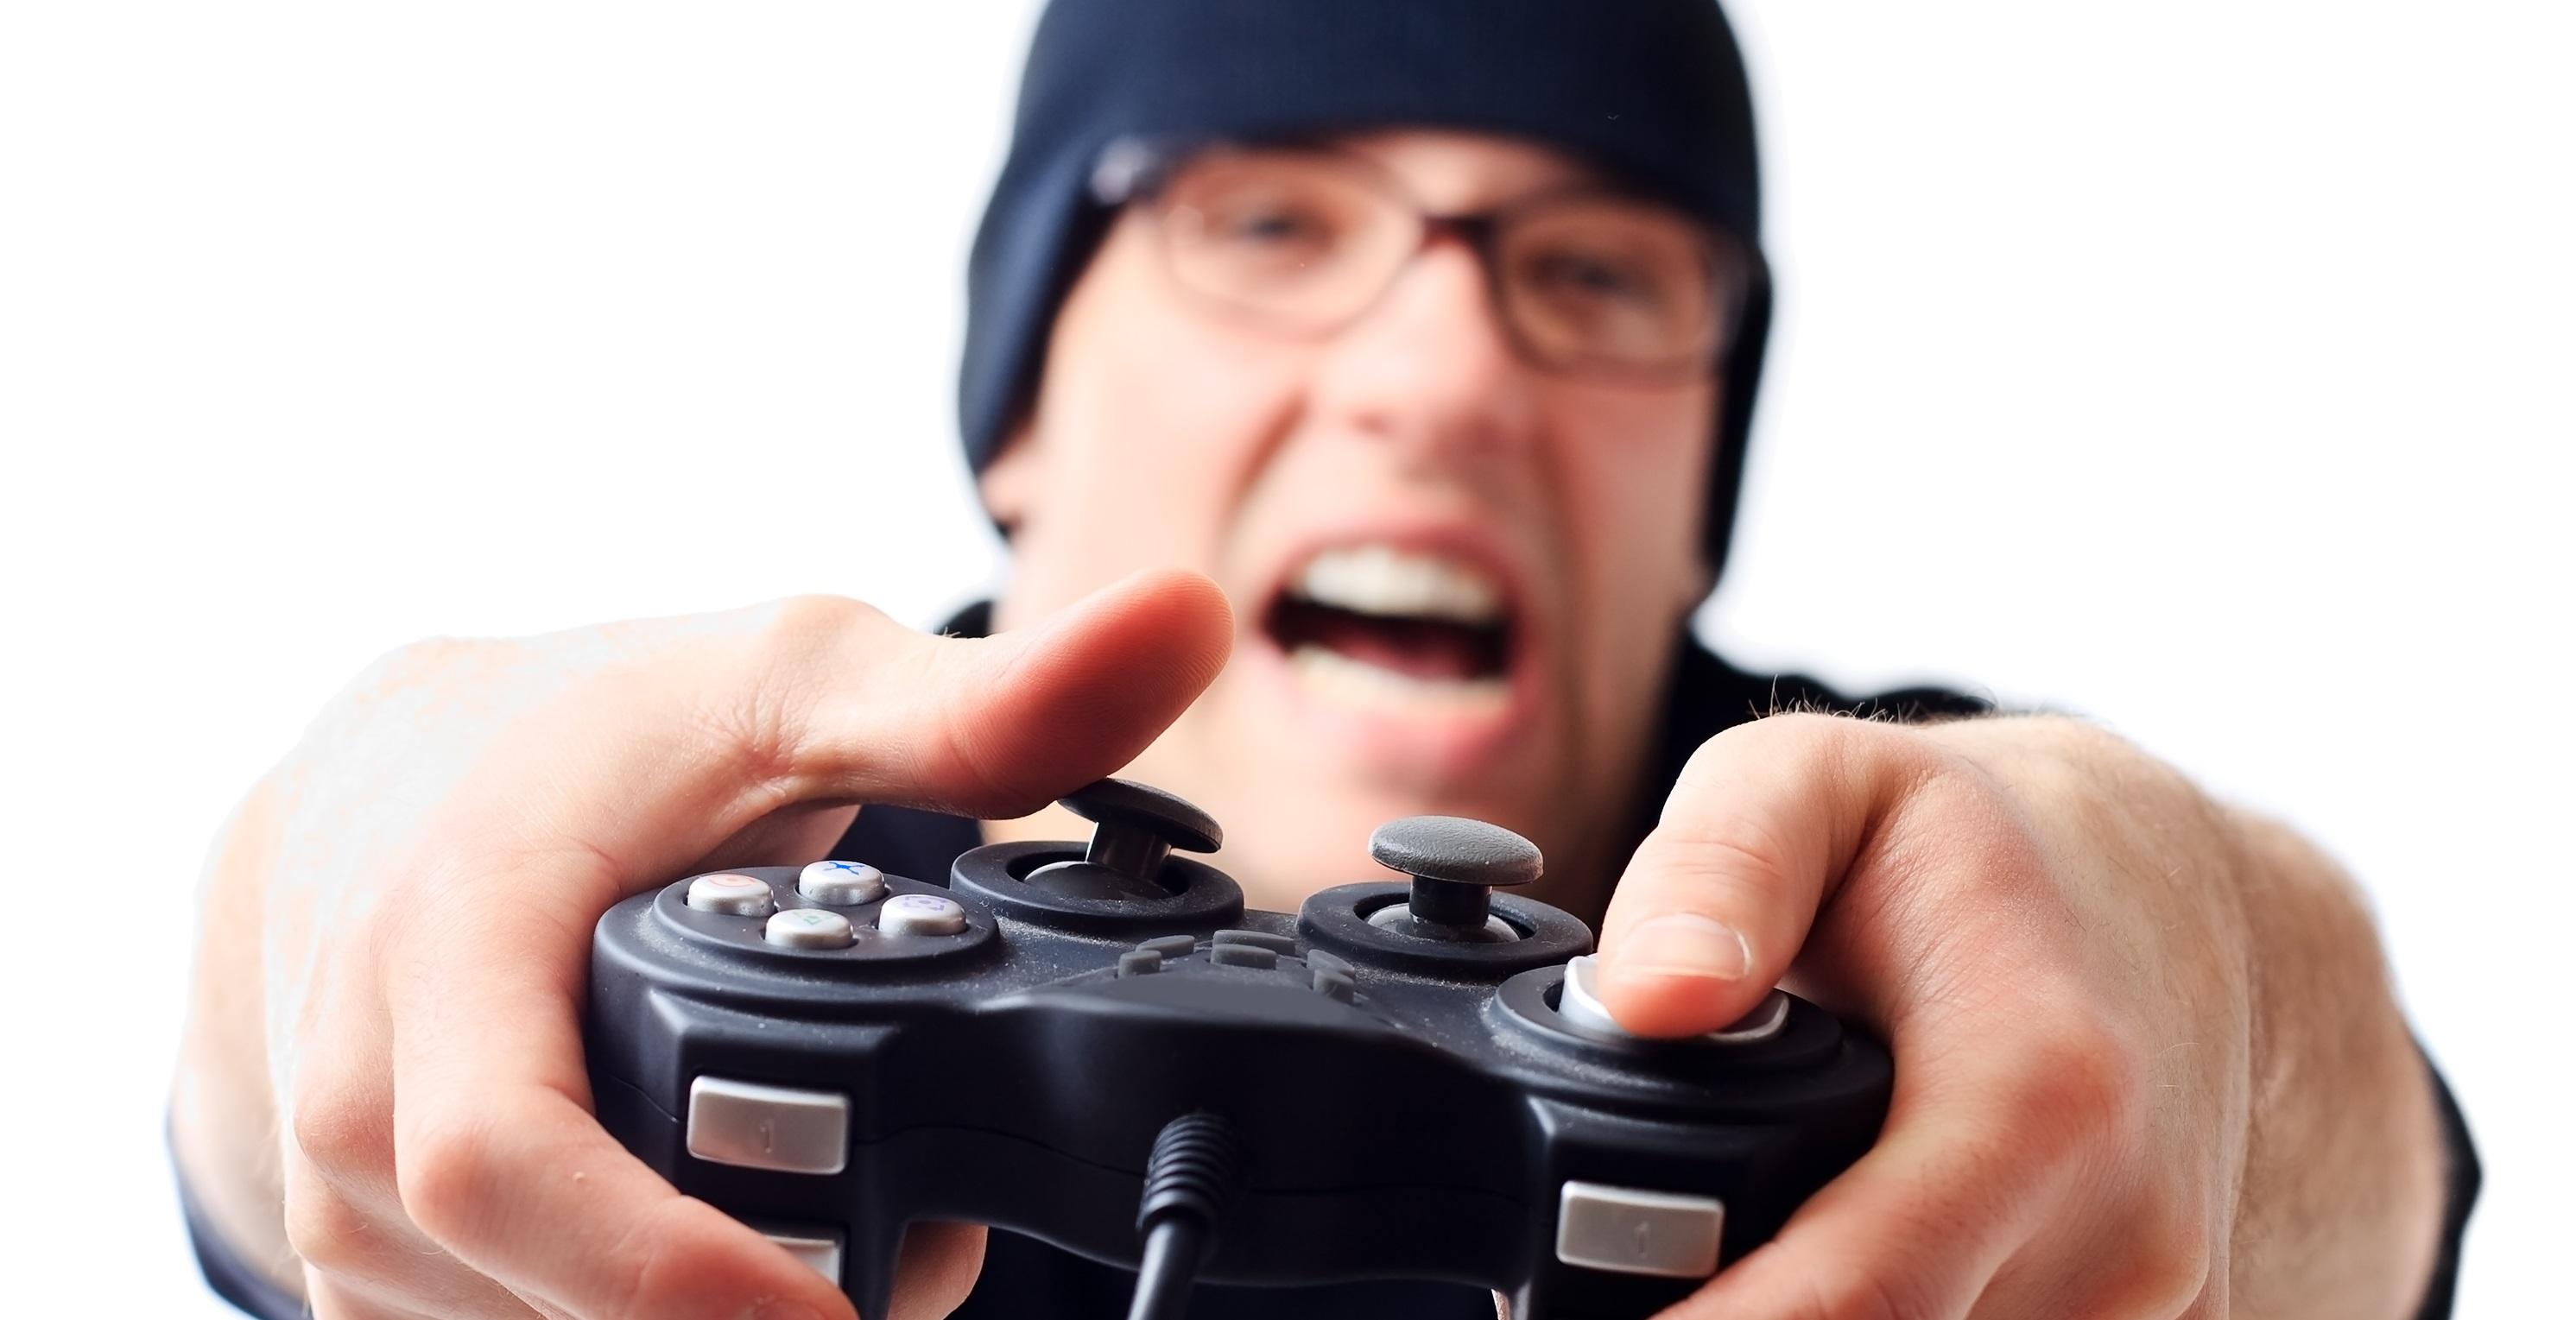 Казахстан поднялся на две позиции в рейтинге стран по доходам от компьютерных видеоигр